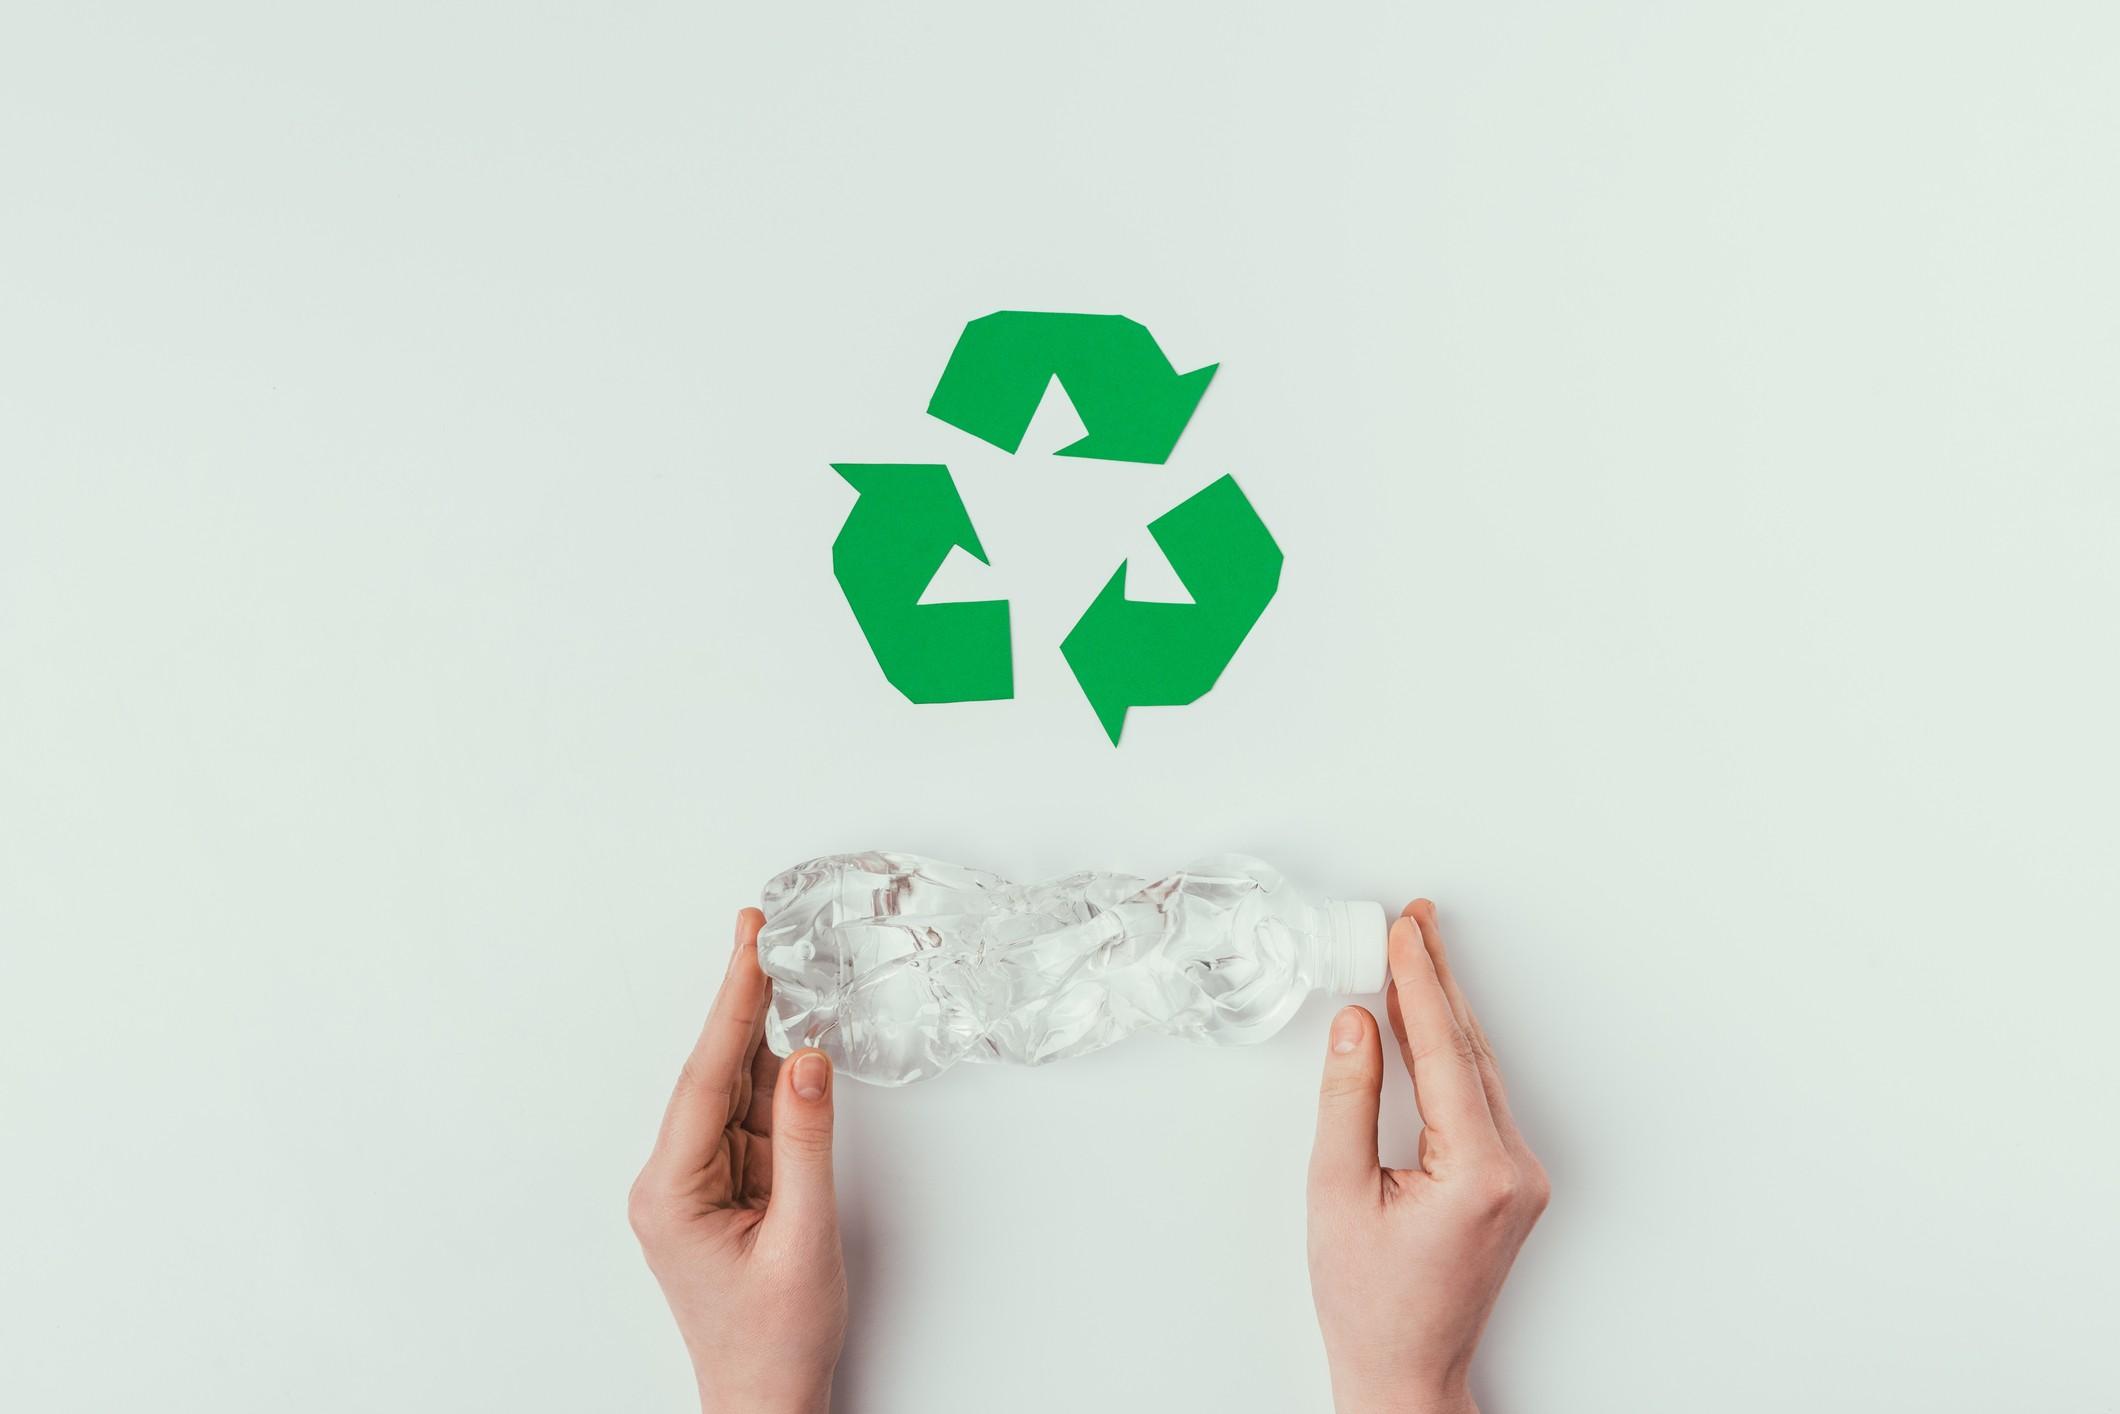 Novos plásticos biodegradáveis estão sendo fabricados (Foto: Thinkstock)